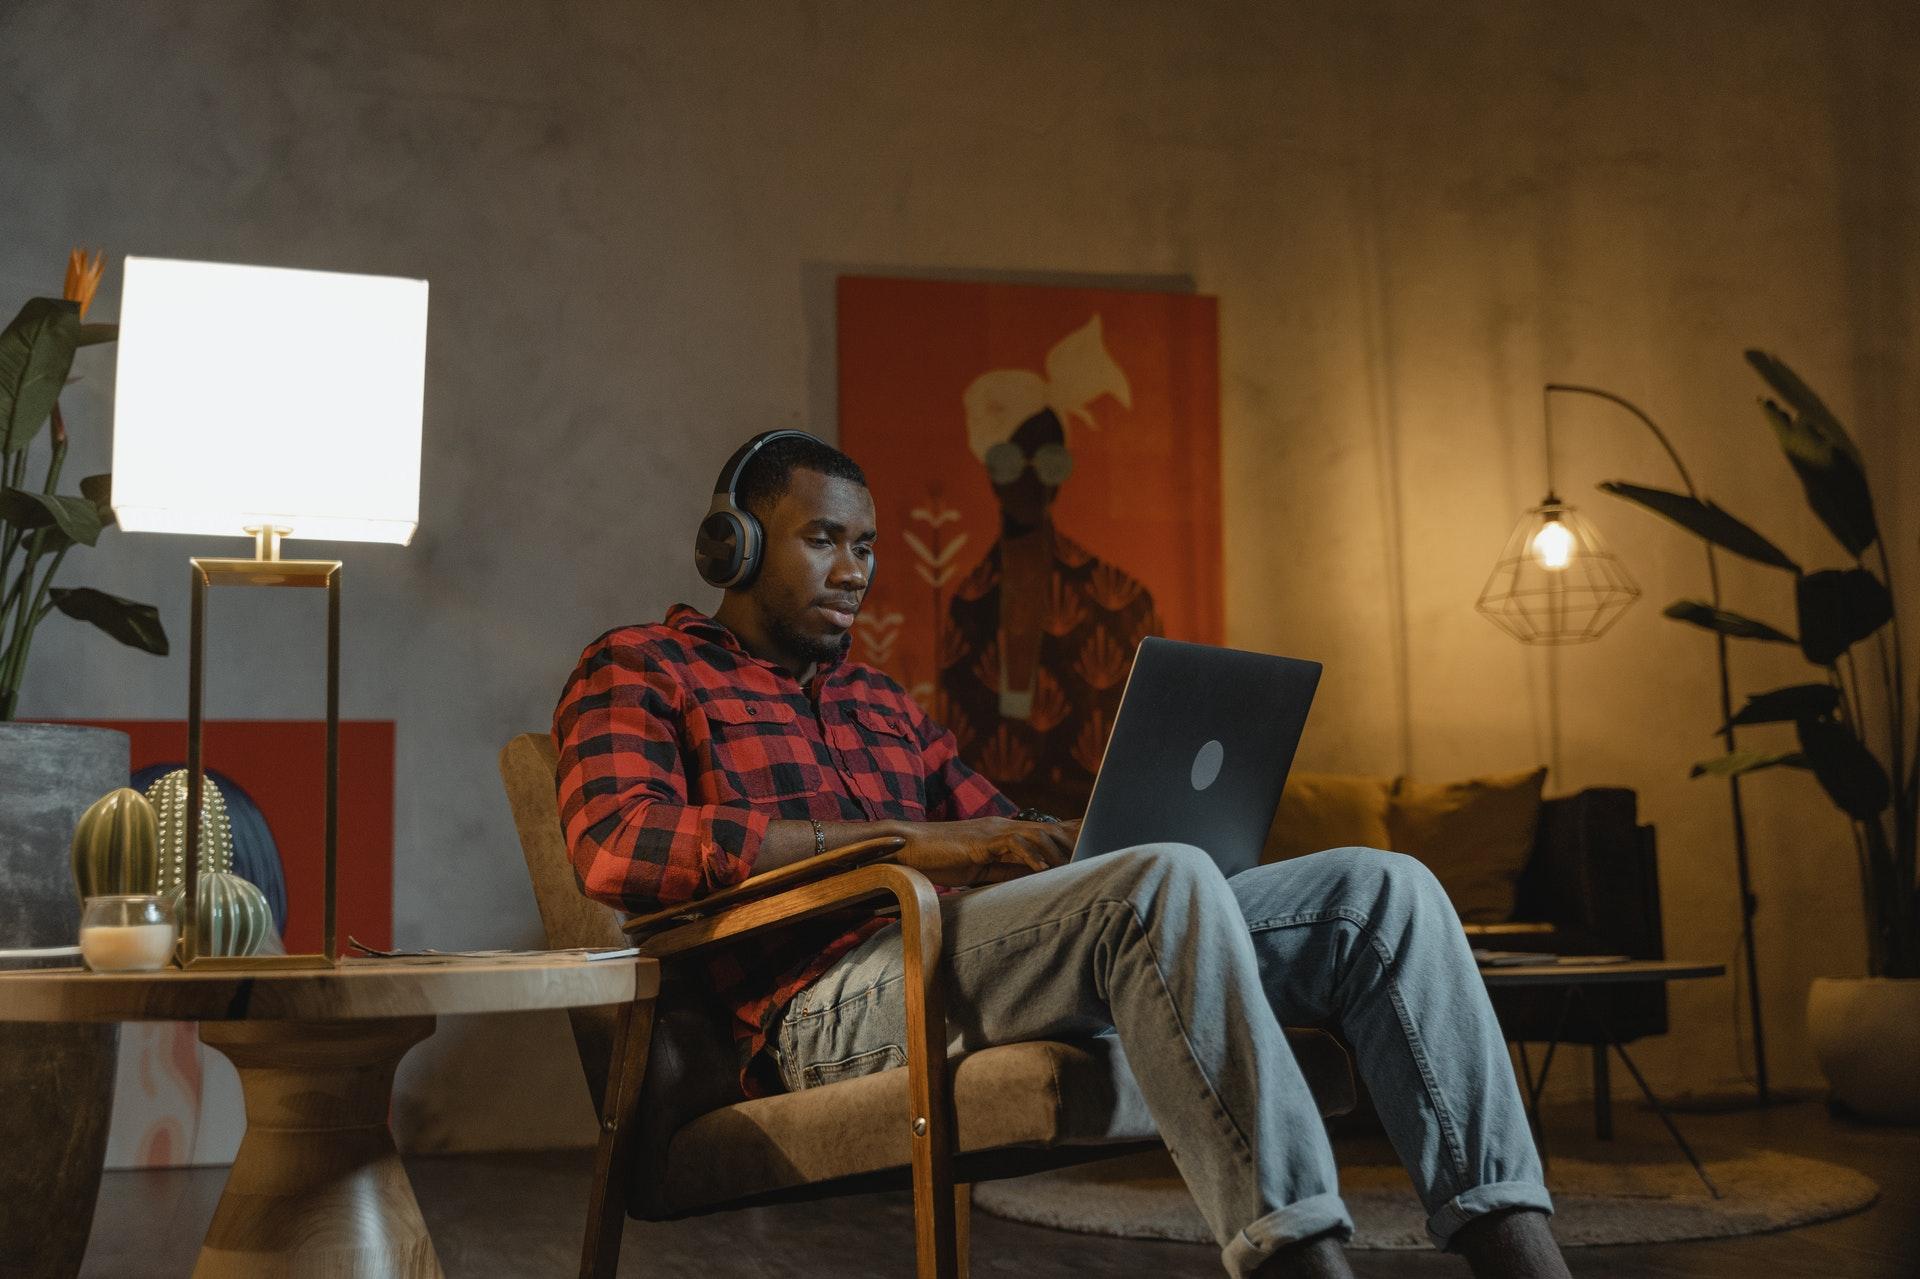 Vemos um homem trabalhando em seu computador no sofá de sua casa (imagem ilustrativa). Texto: negócios home office.